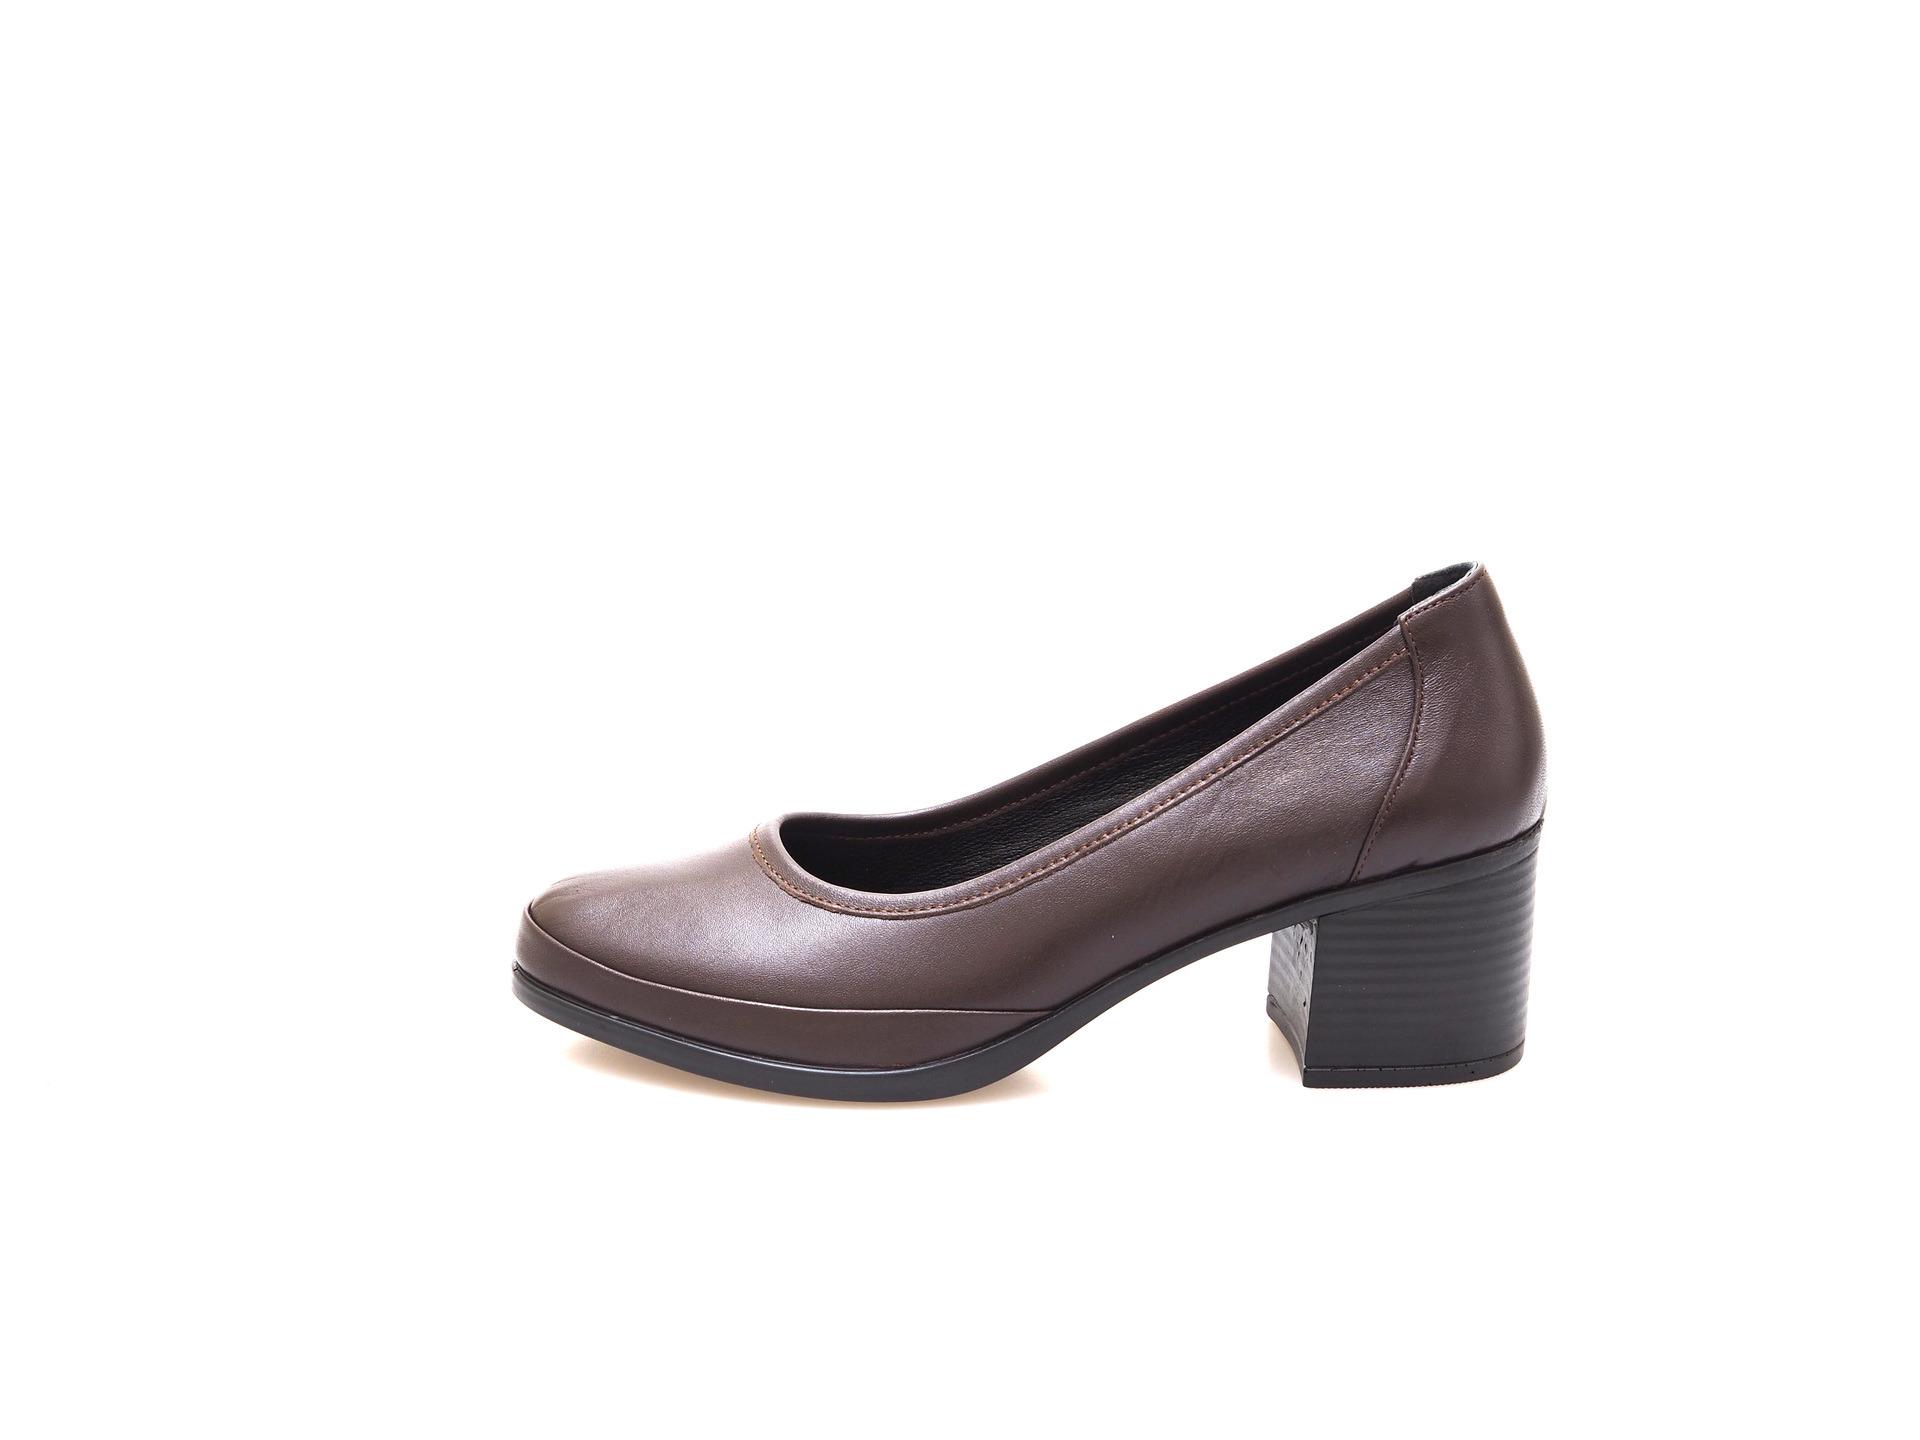 66fd5980235 Soňa - Dámska obuv - Lodičky - Dámska lodička na nízkom podpätku